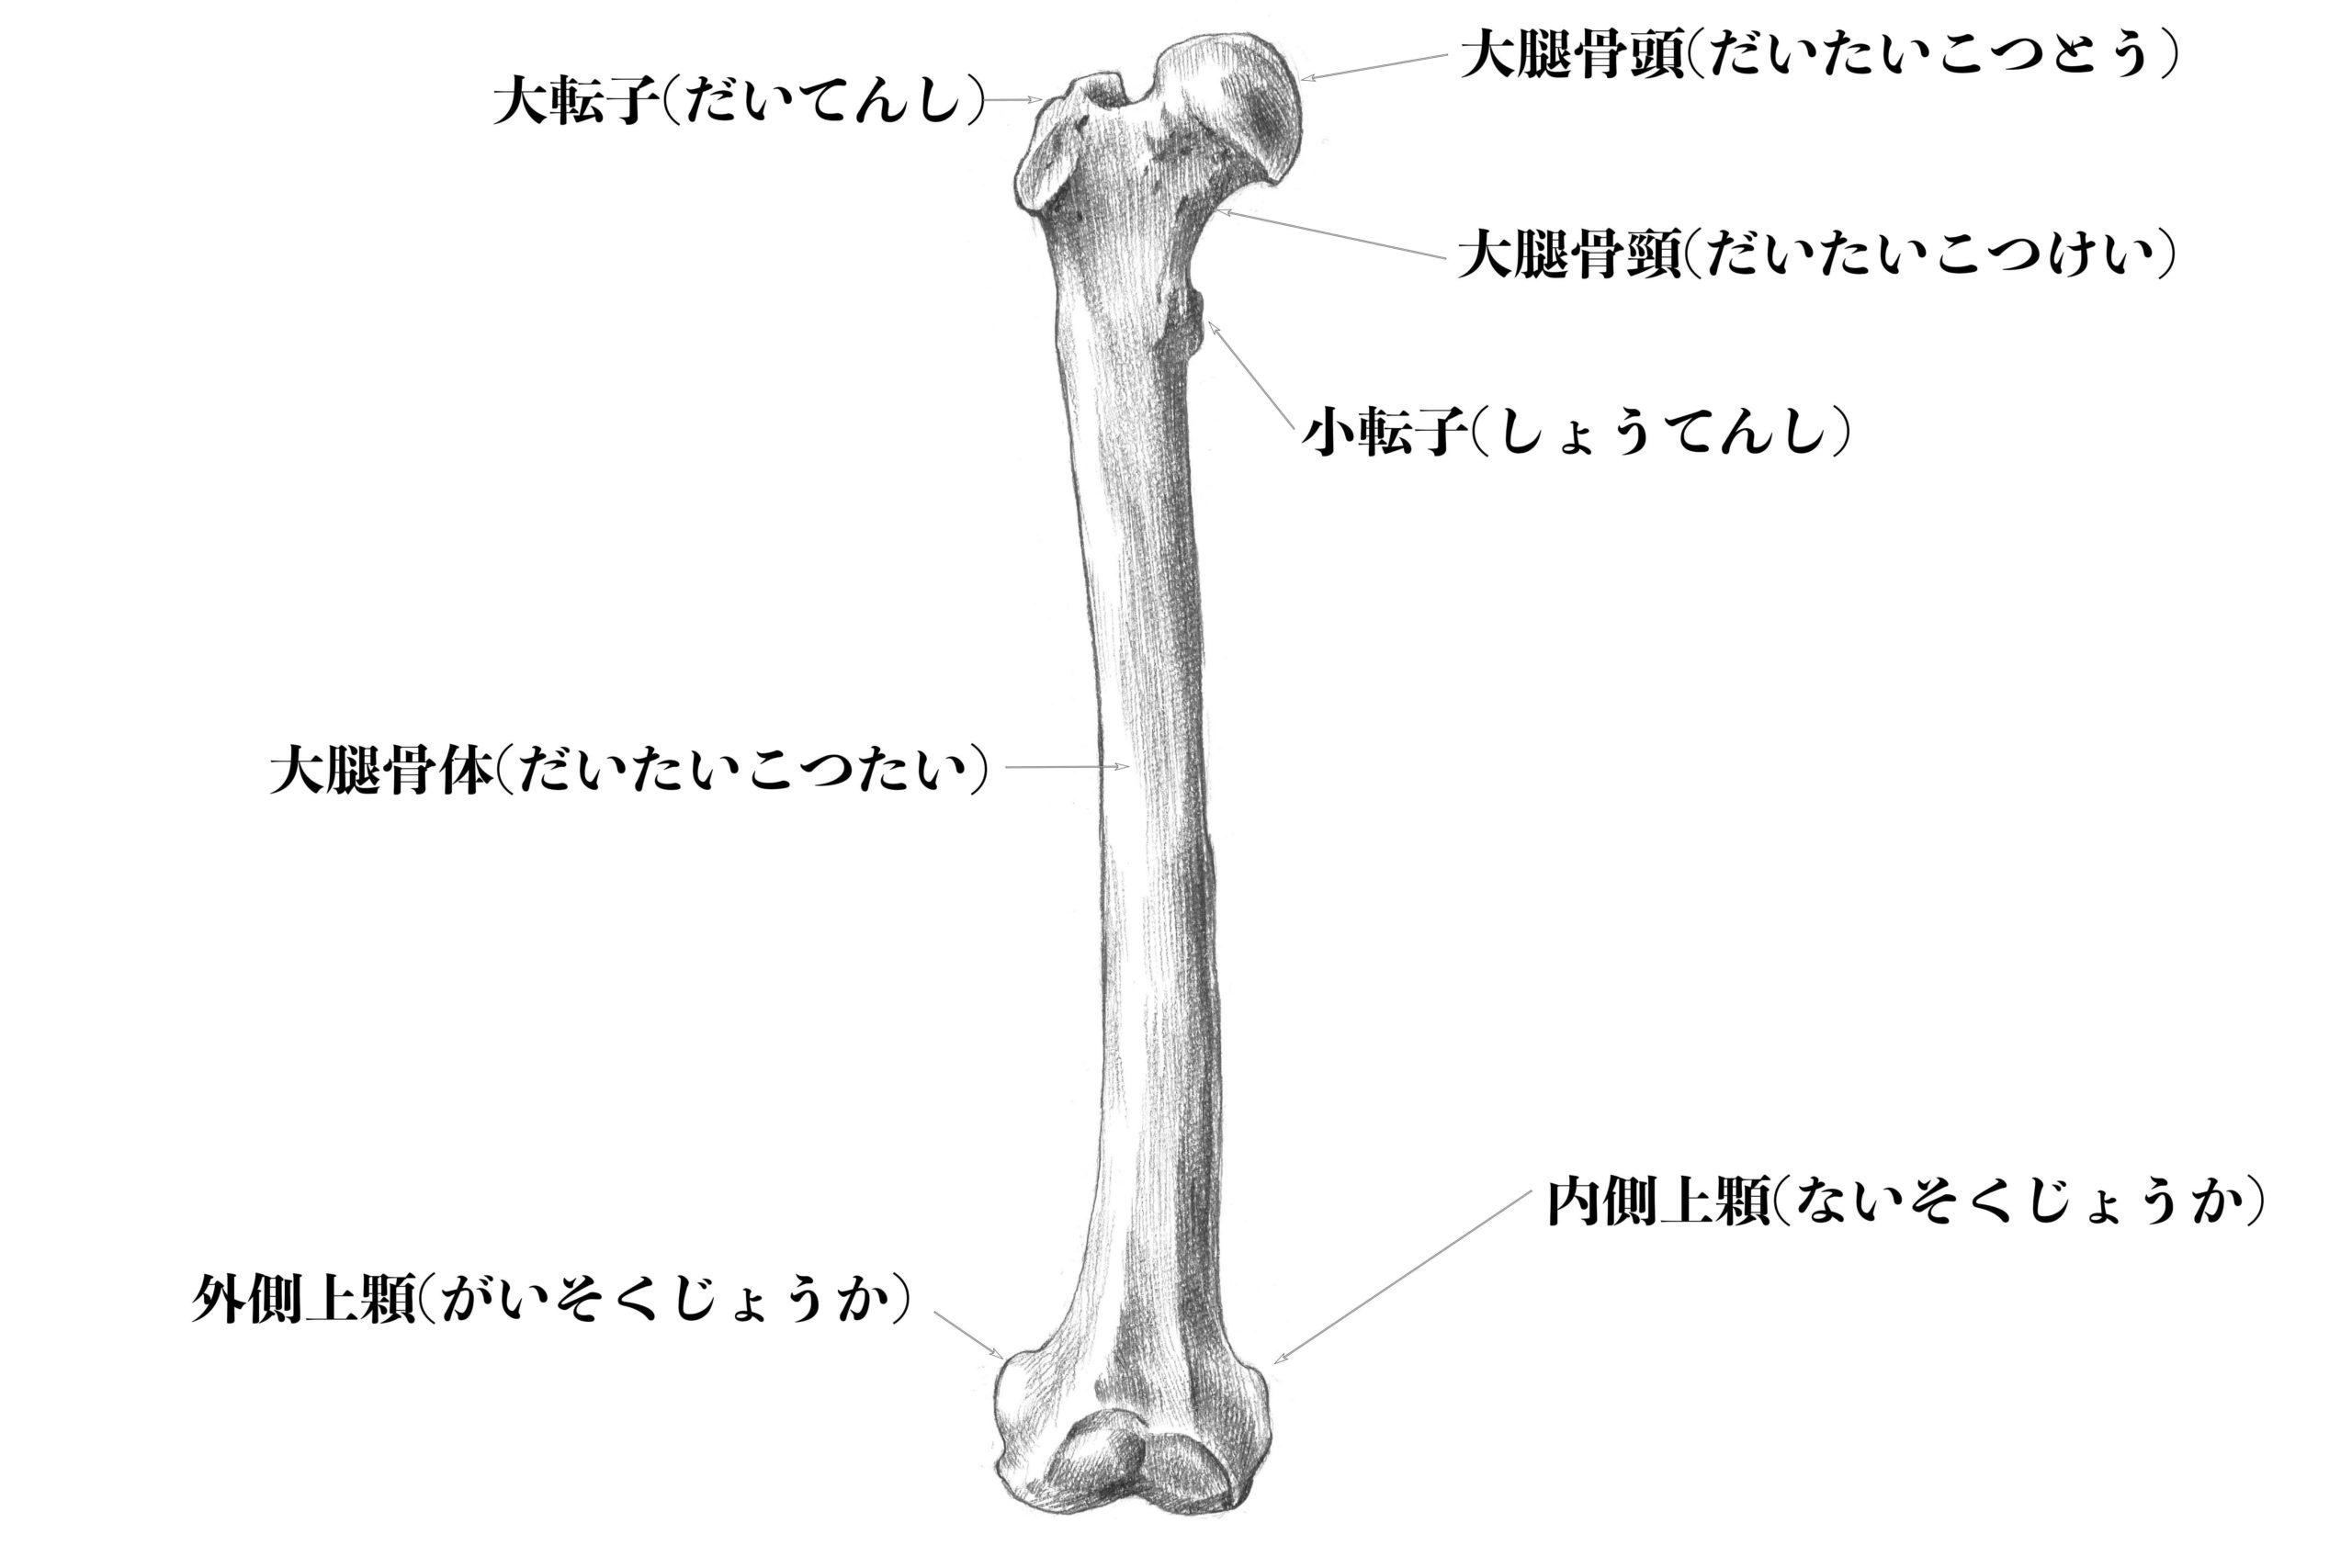 大腿骨(前から)のスケッチ